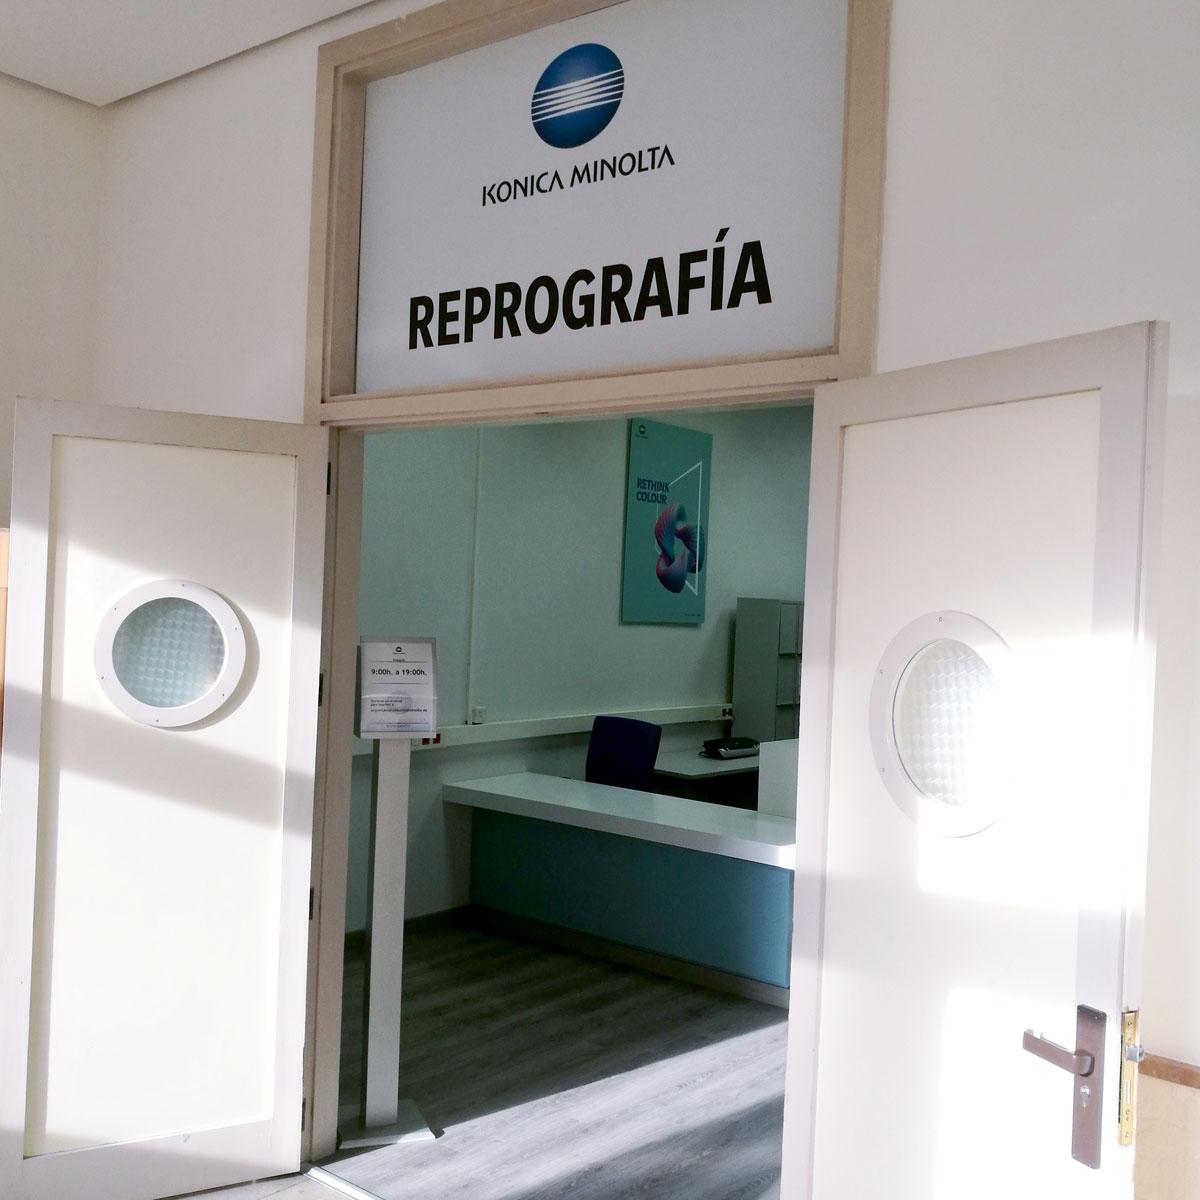 Diseño tiendas reprografía URJI Konica Minolta 6